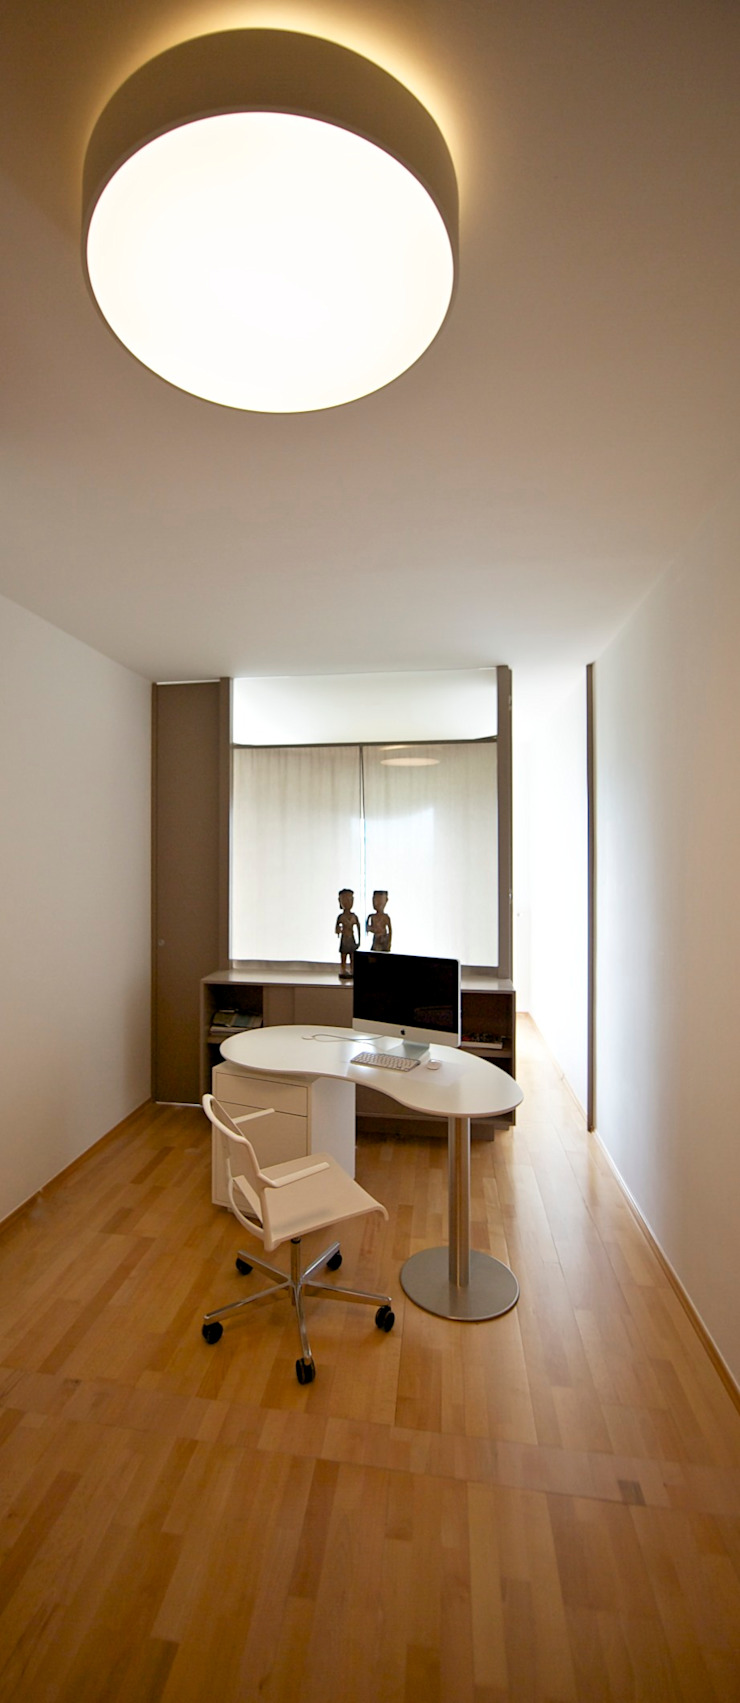 Eklektik Çalışma Odası 3rdskin architecture gmbh Eklektik